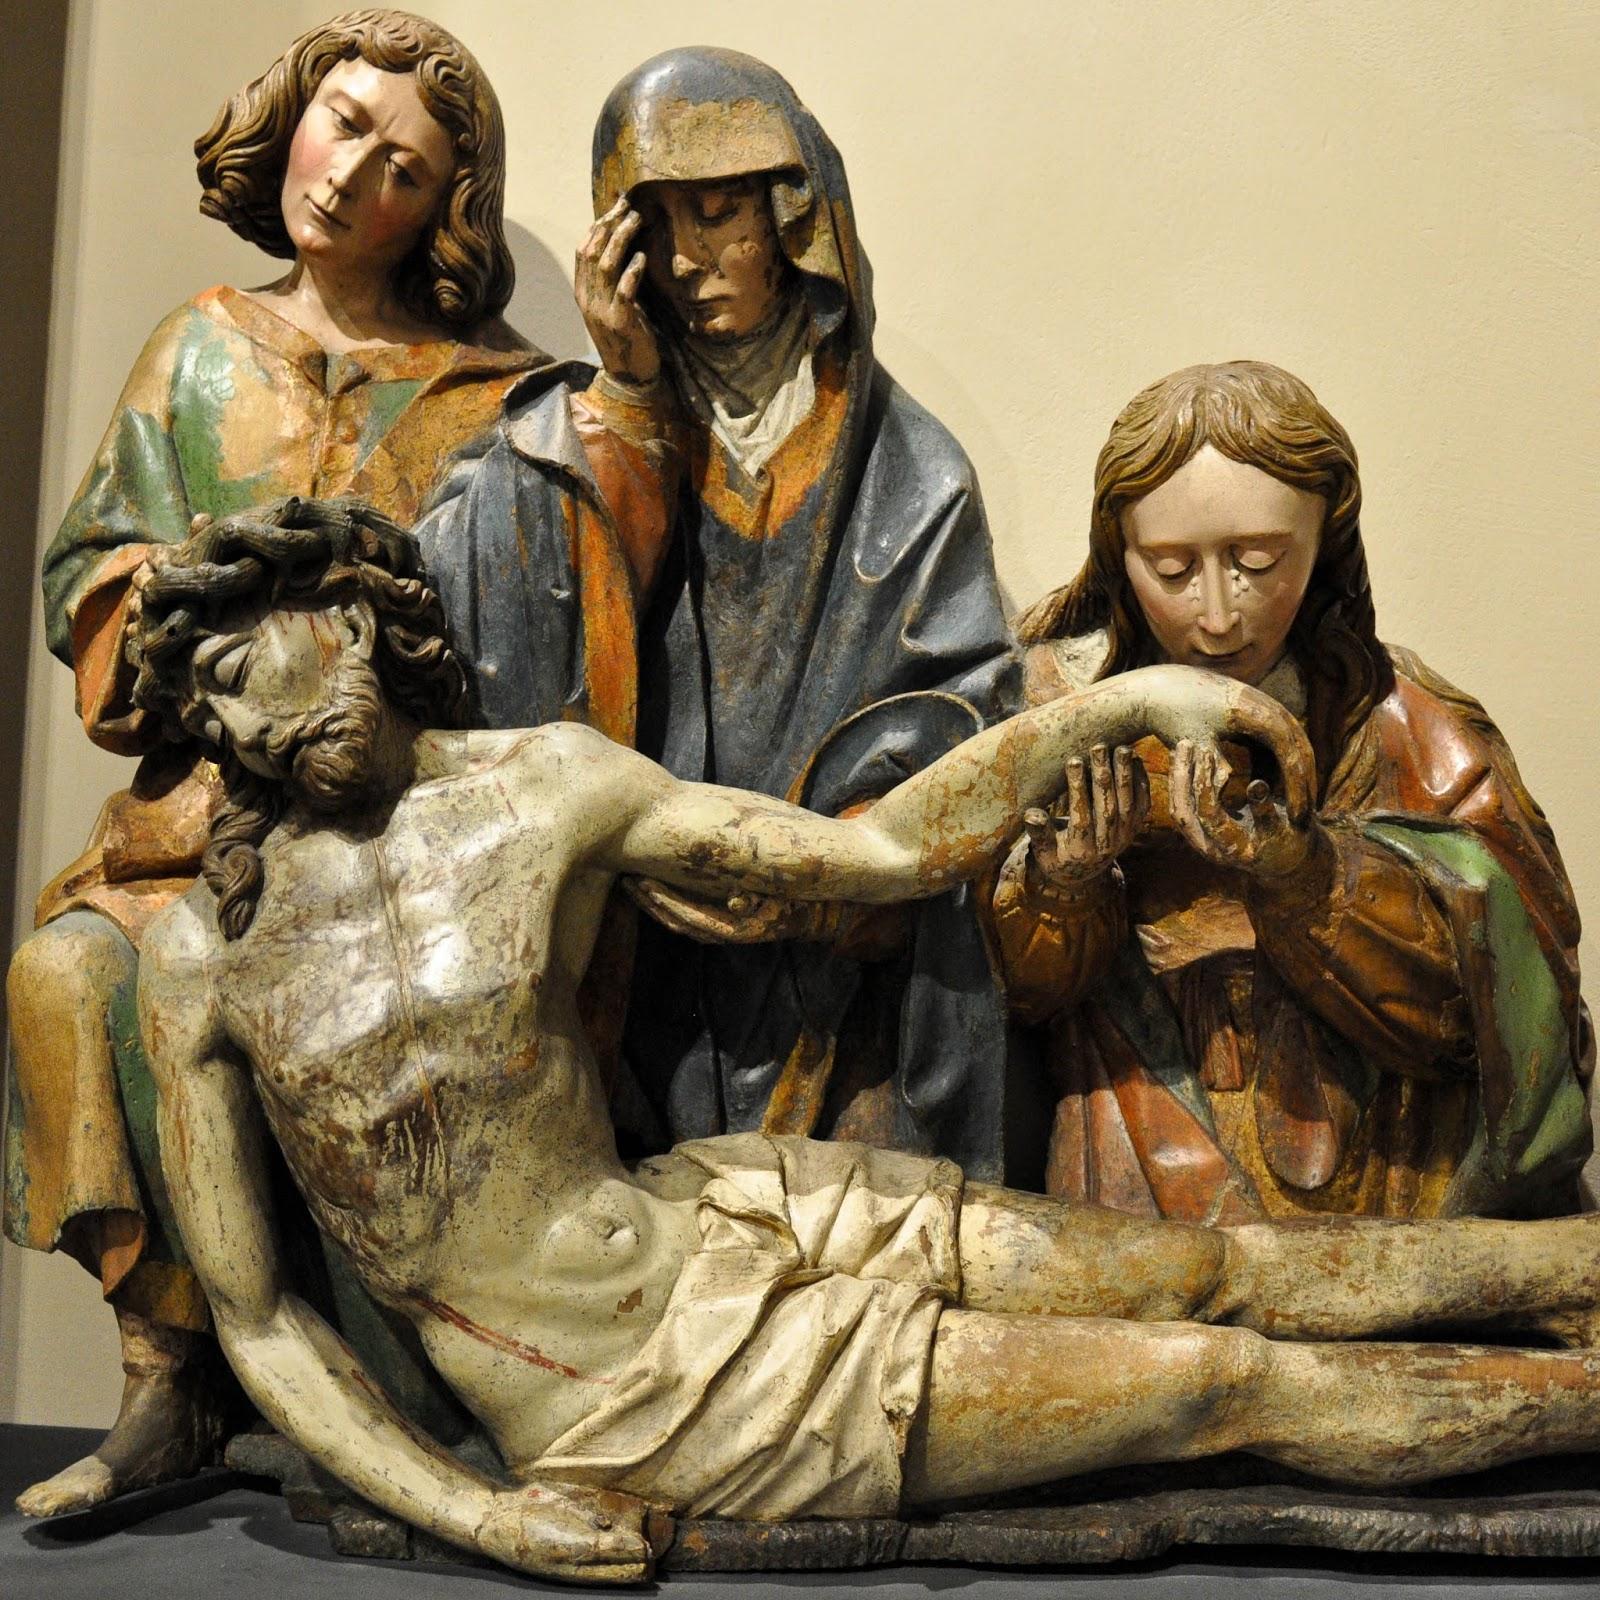 Sculpture 1510-1520, Antique Art Museum, Palazzo Madama, Turin, Italy